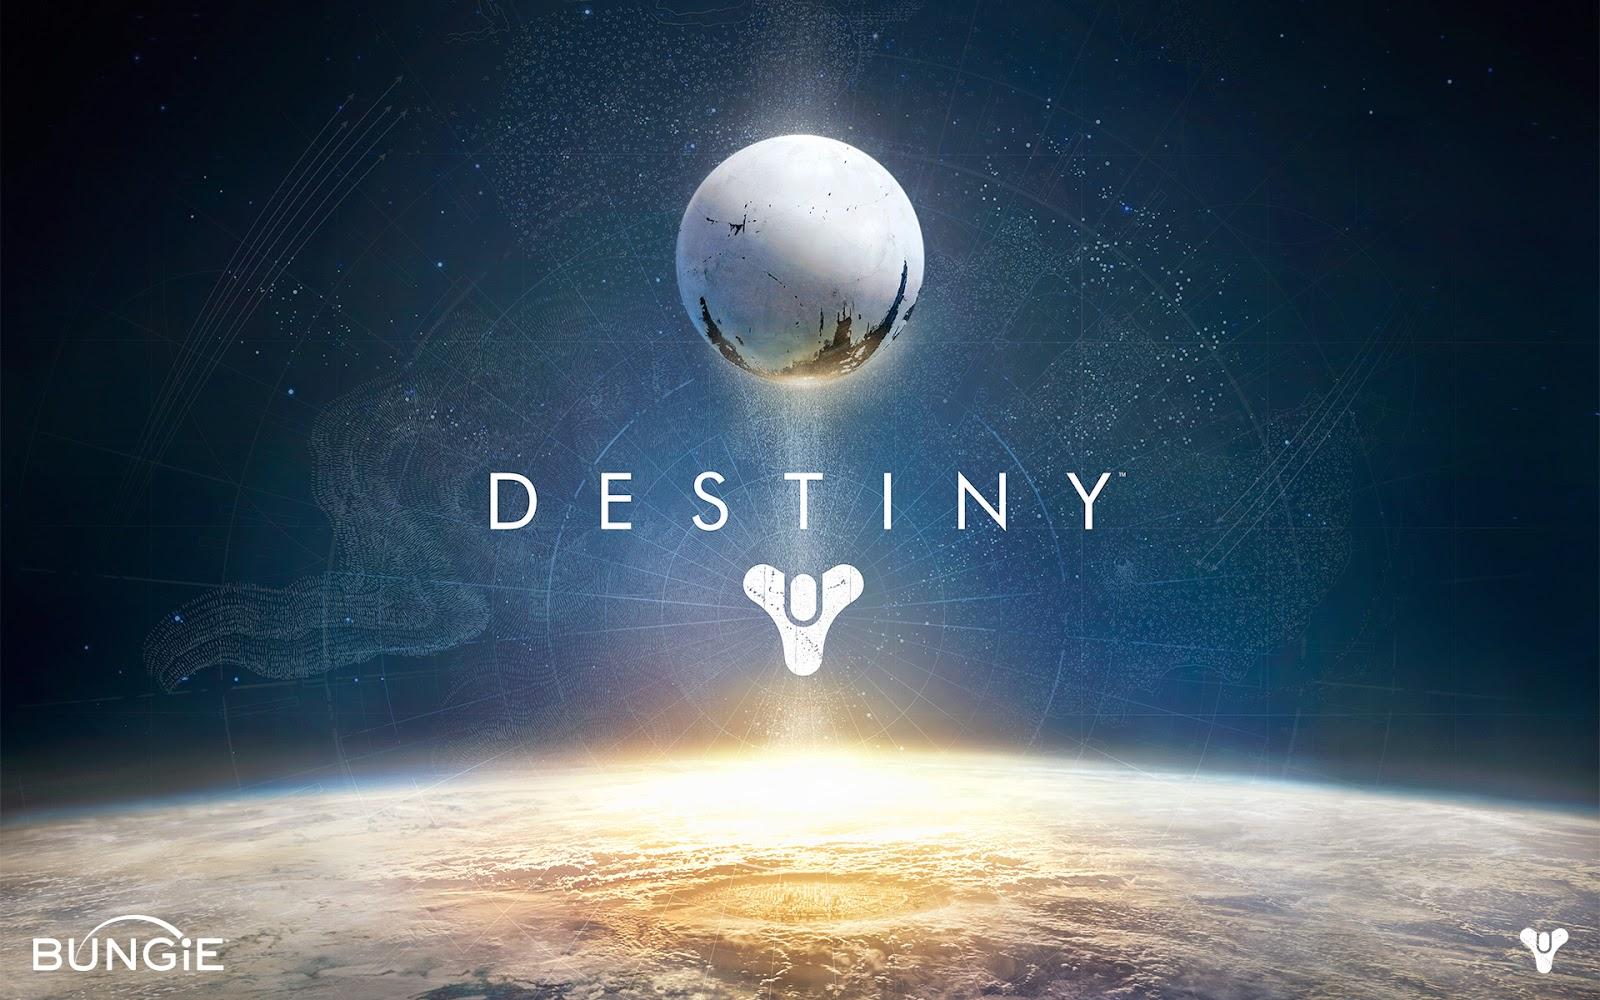 Destiny, Trailer oficial - Fecha de lanzamiento 9/9/2014